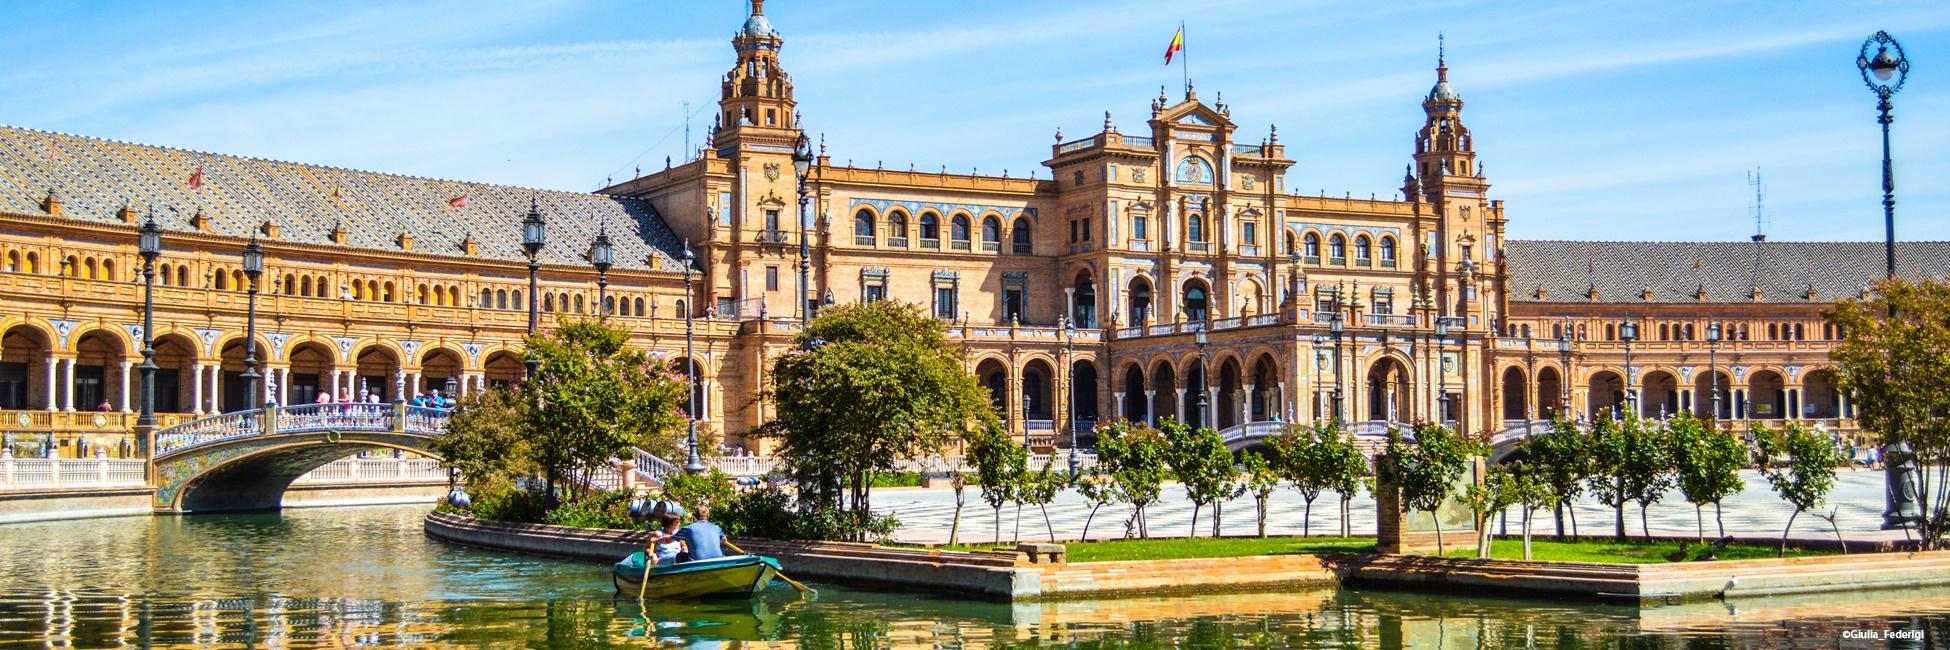 Place d'Espagne, Seville